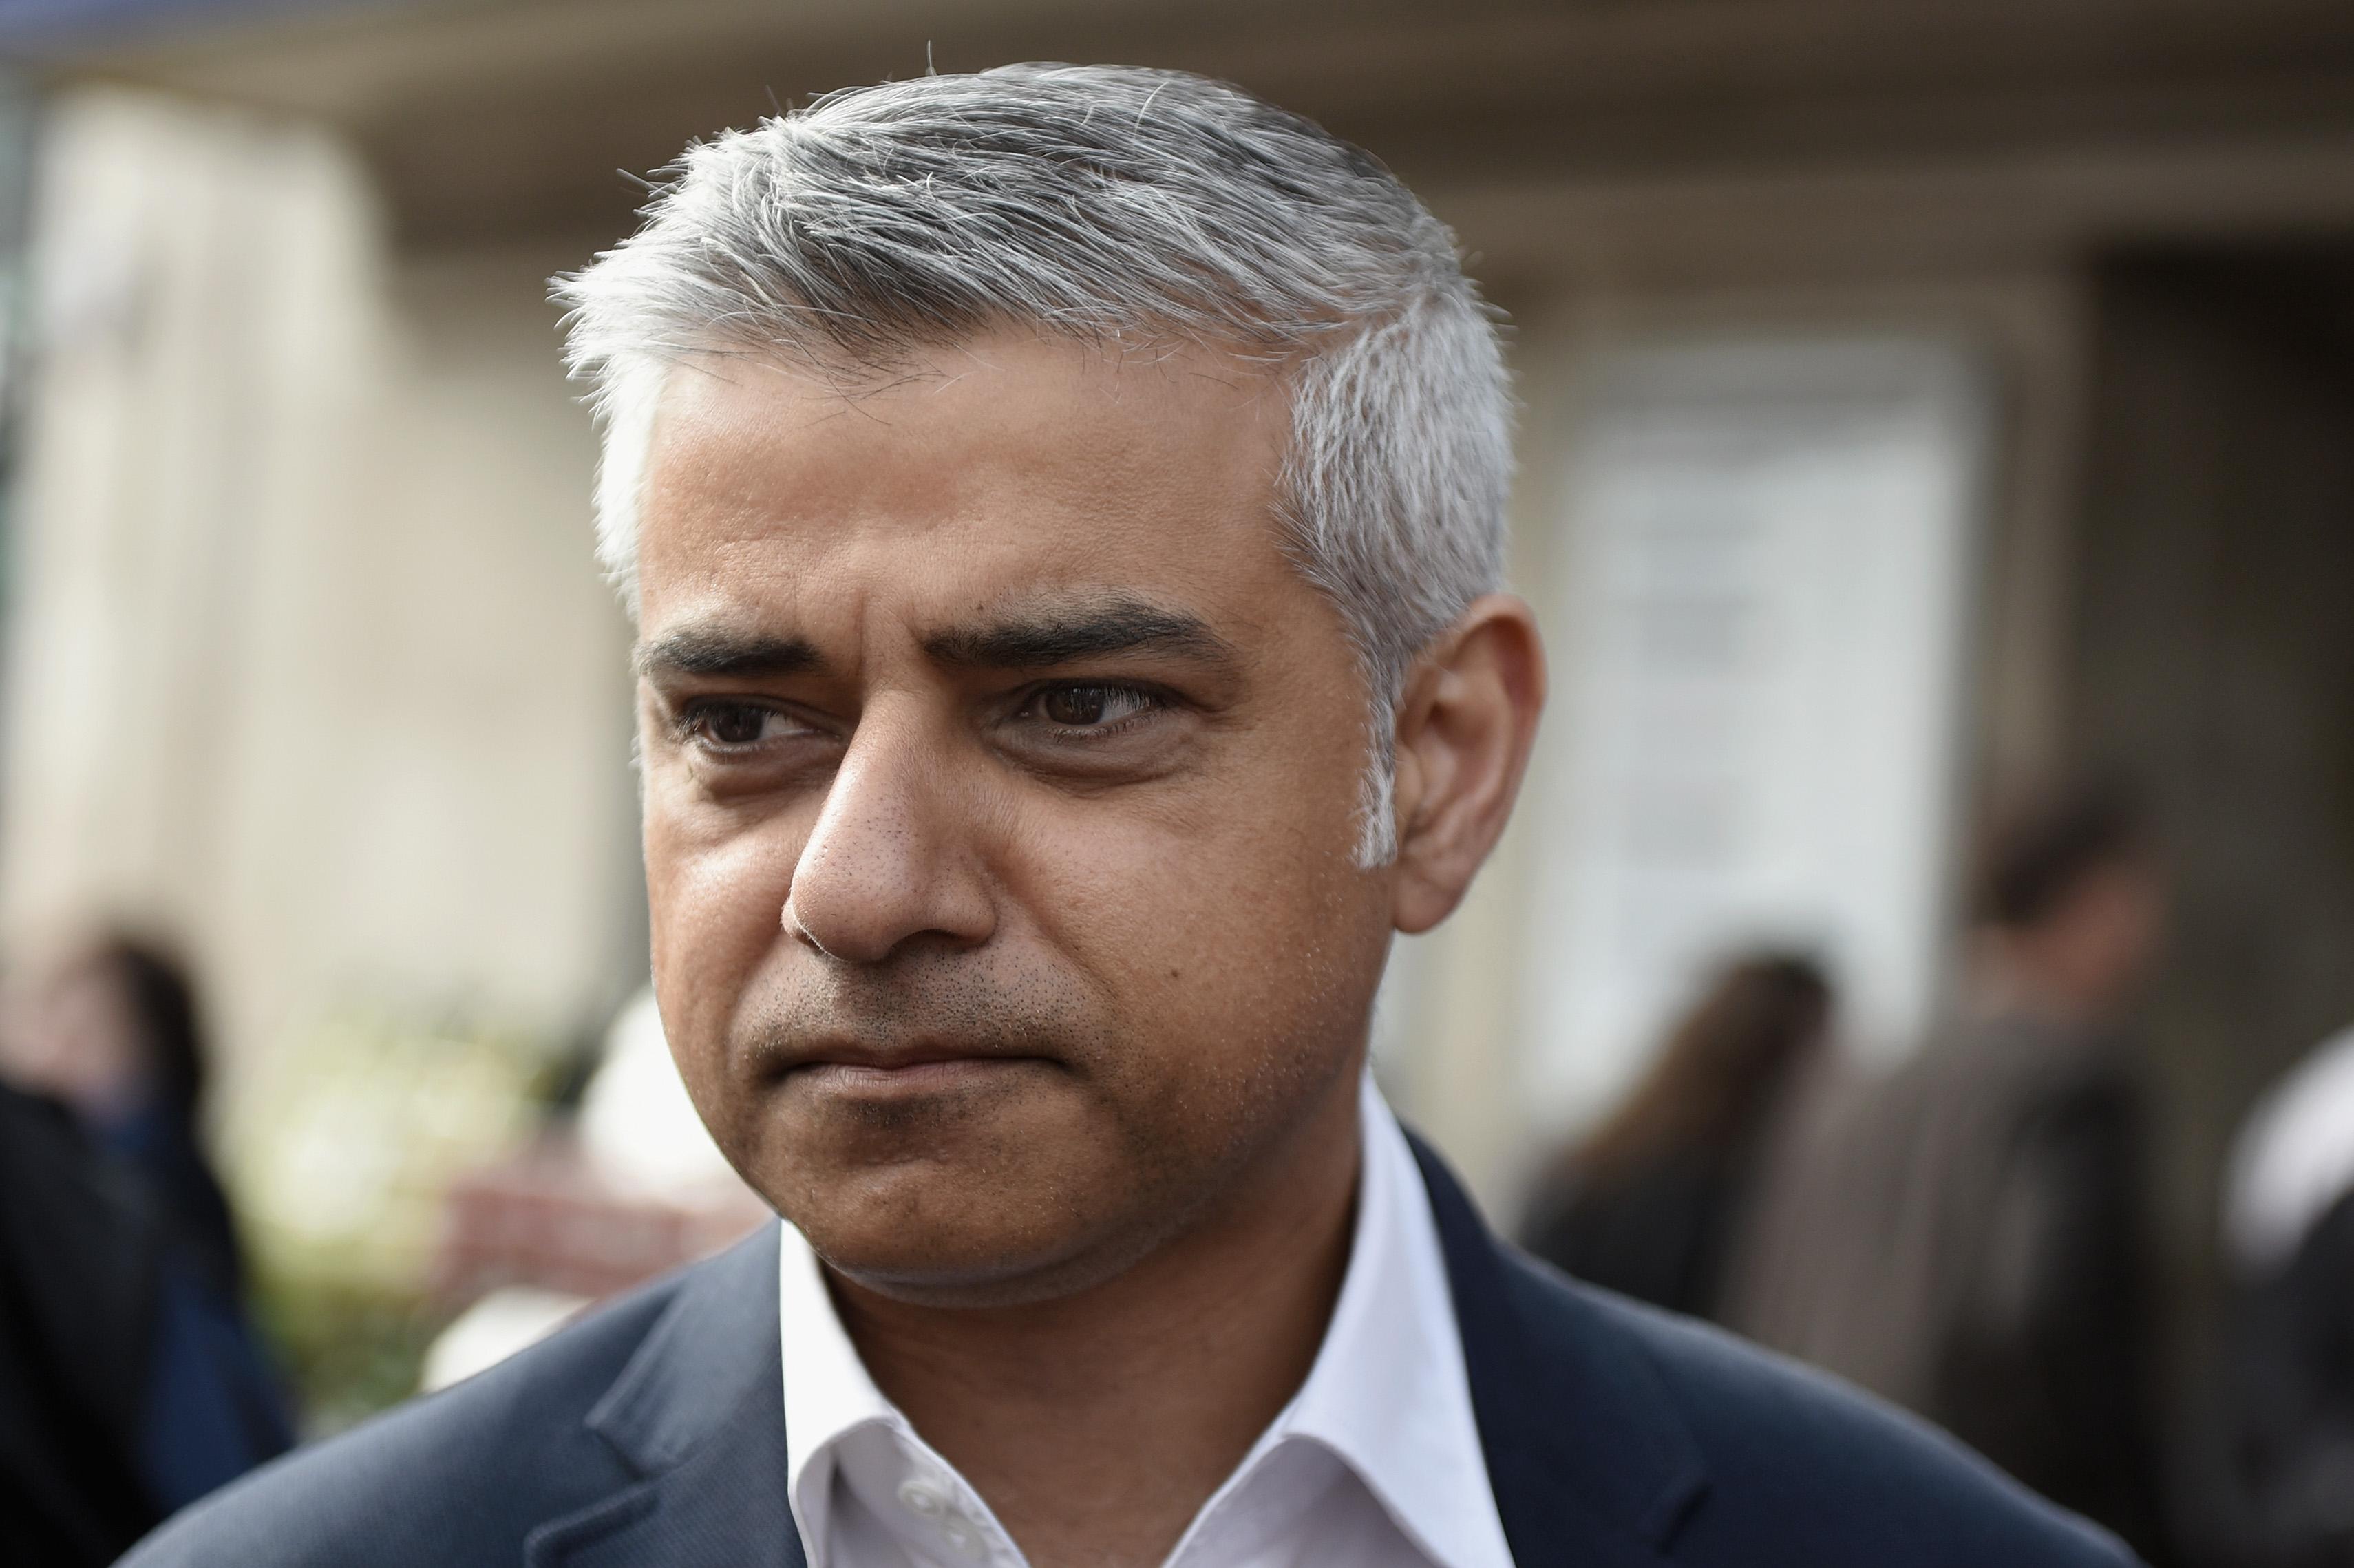 Trump challenges London mayor Sadiq Khan to IQ test ... Sadiq Khan